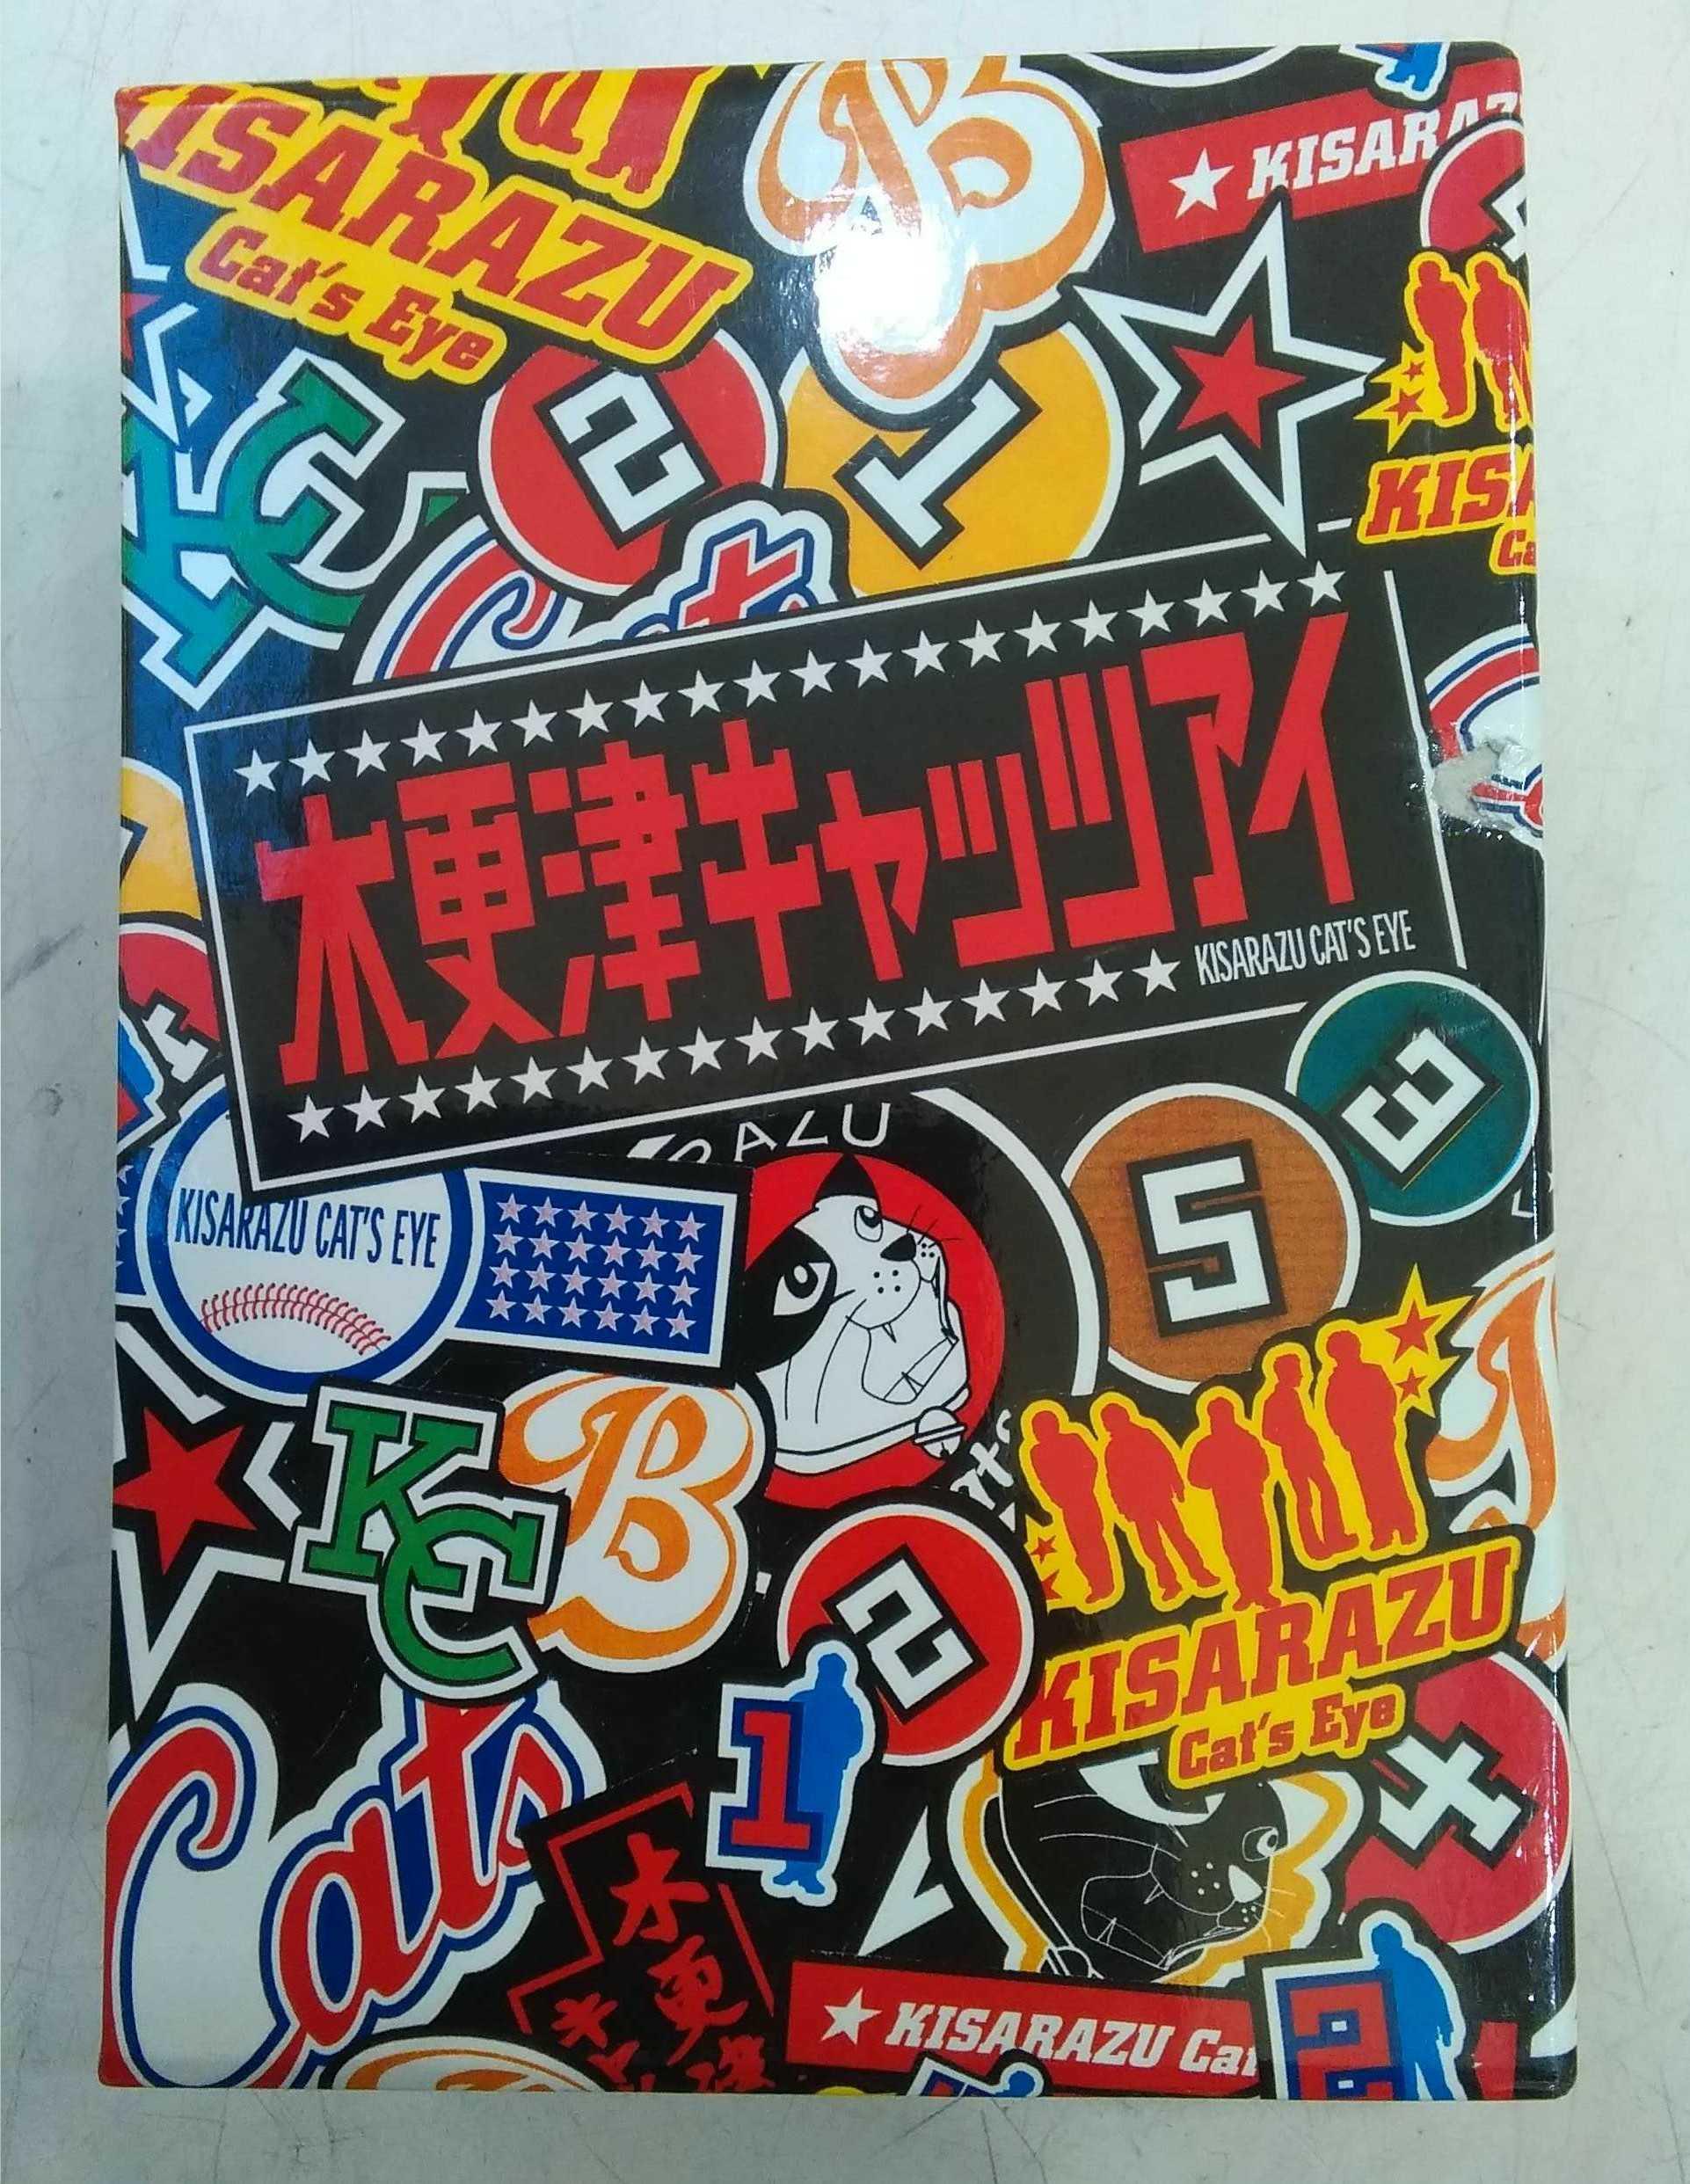 木更津キャッツアイ DVD-BOX|TBS